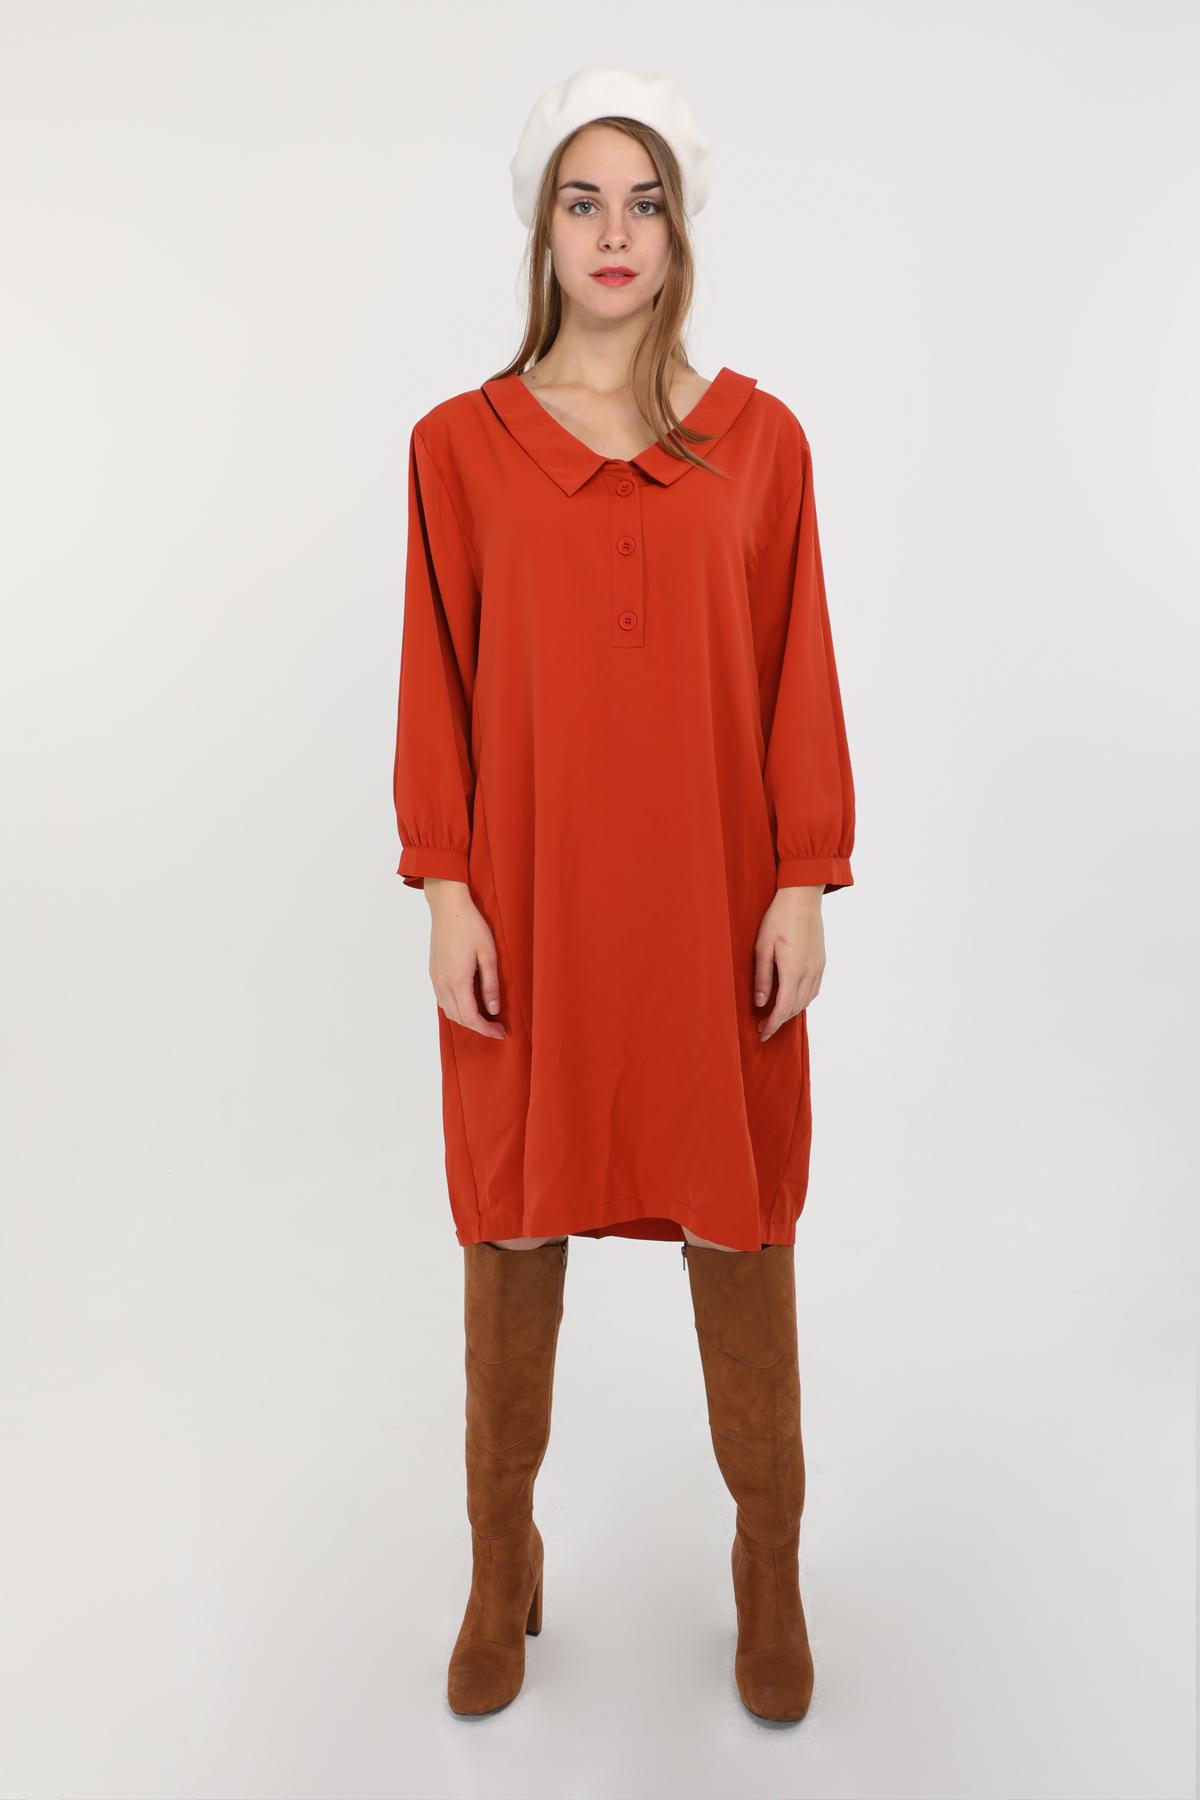 Robes mi-longues Femme Rouille S by Suzie C3001R #c eFashion Paris